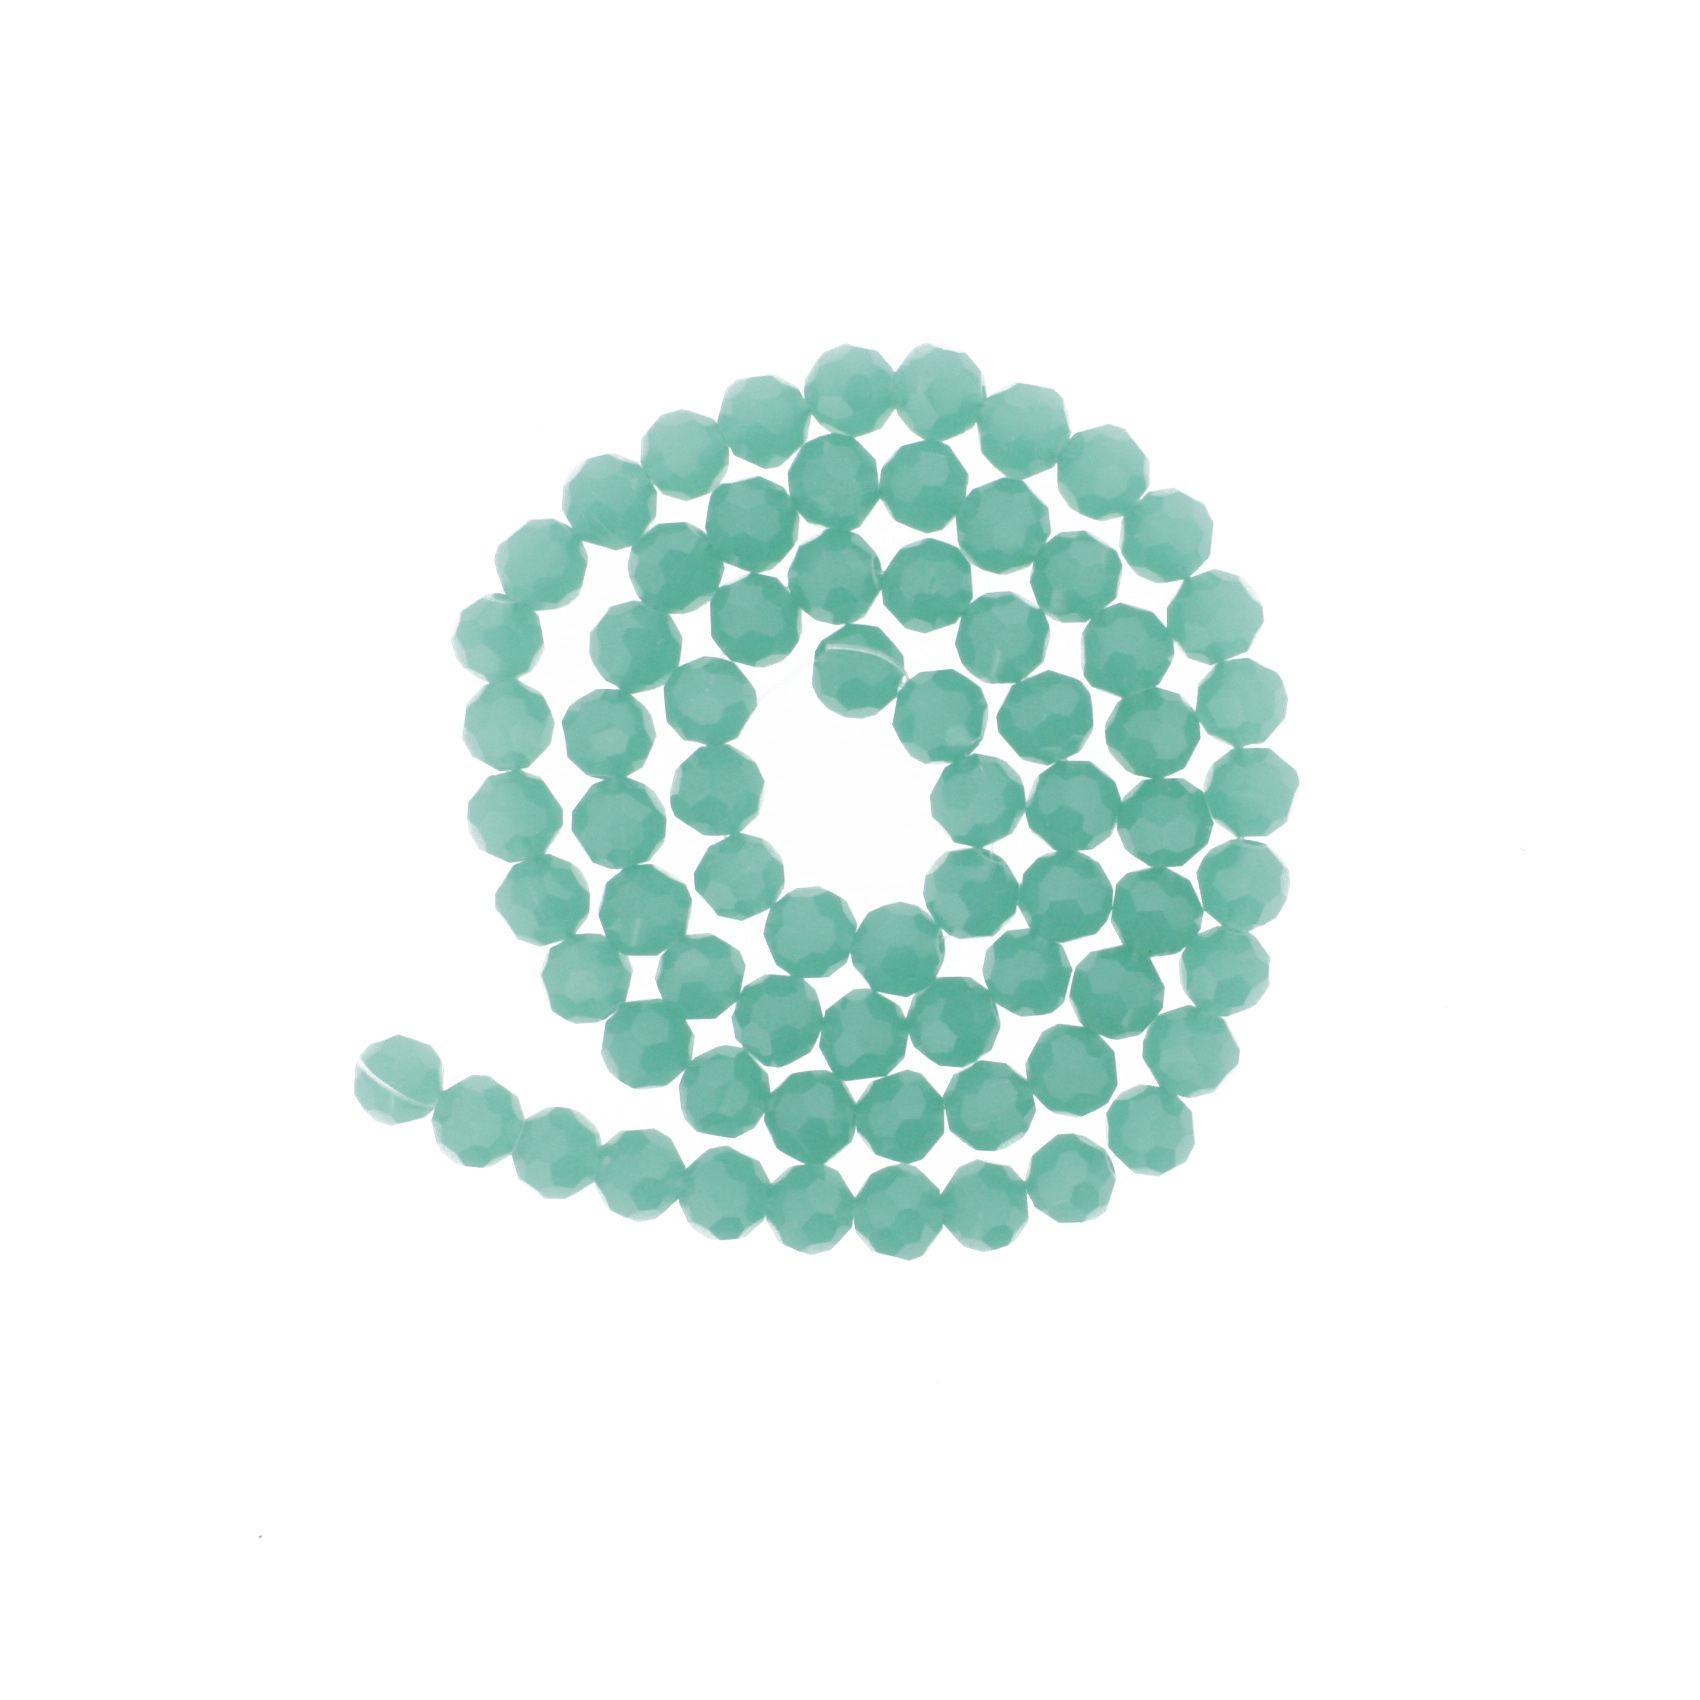 Fio de Cristal - Premium® - Verde Água - 8mm  - Stéphanie Bijoux® - Peças para Bijuterias e Artesanato